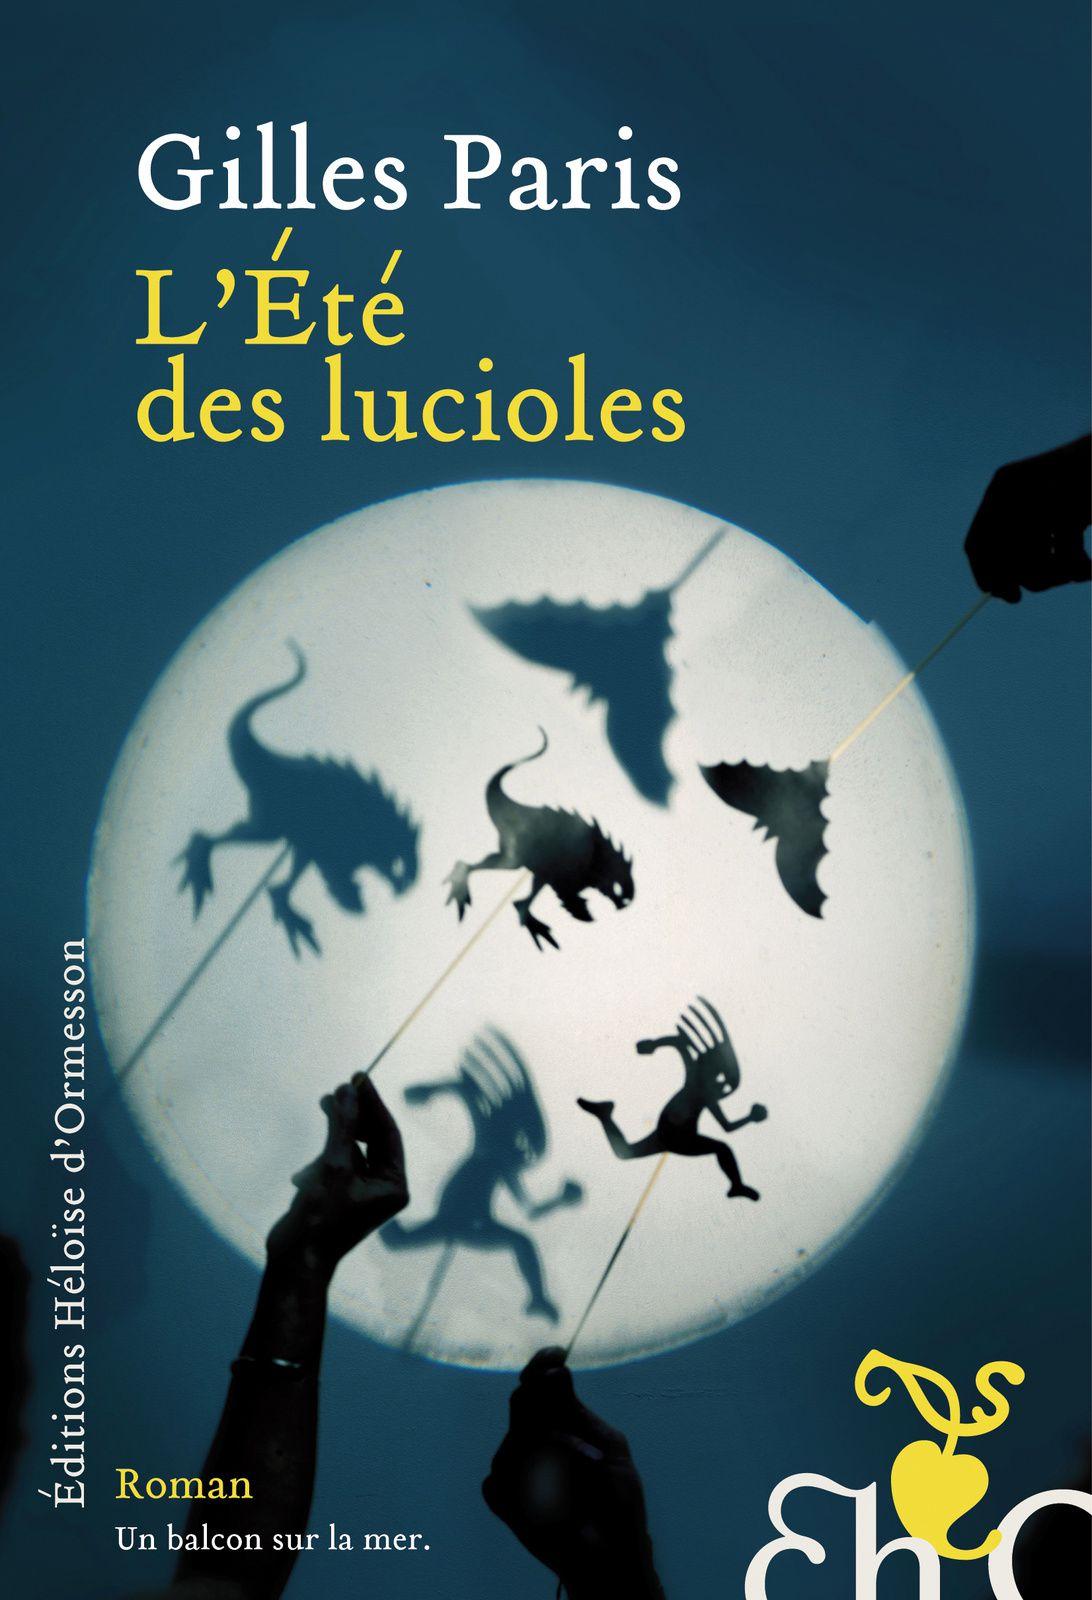 L'été des lucioles, Gilles Paris, éditions Héloïse D'ormesson